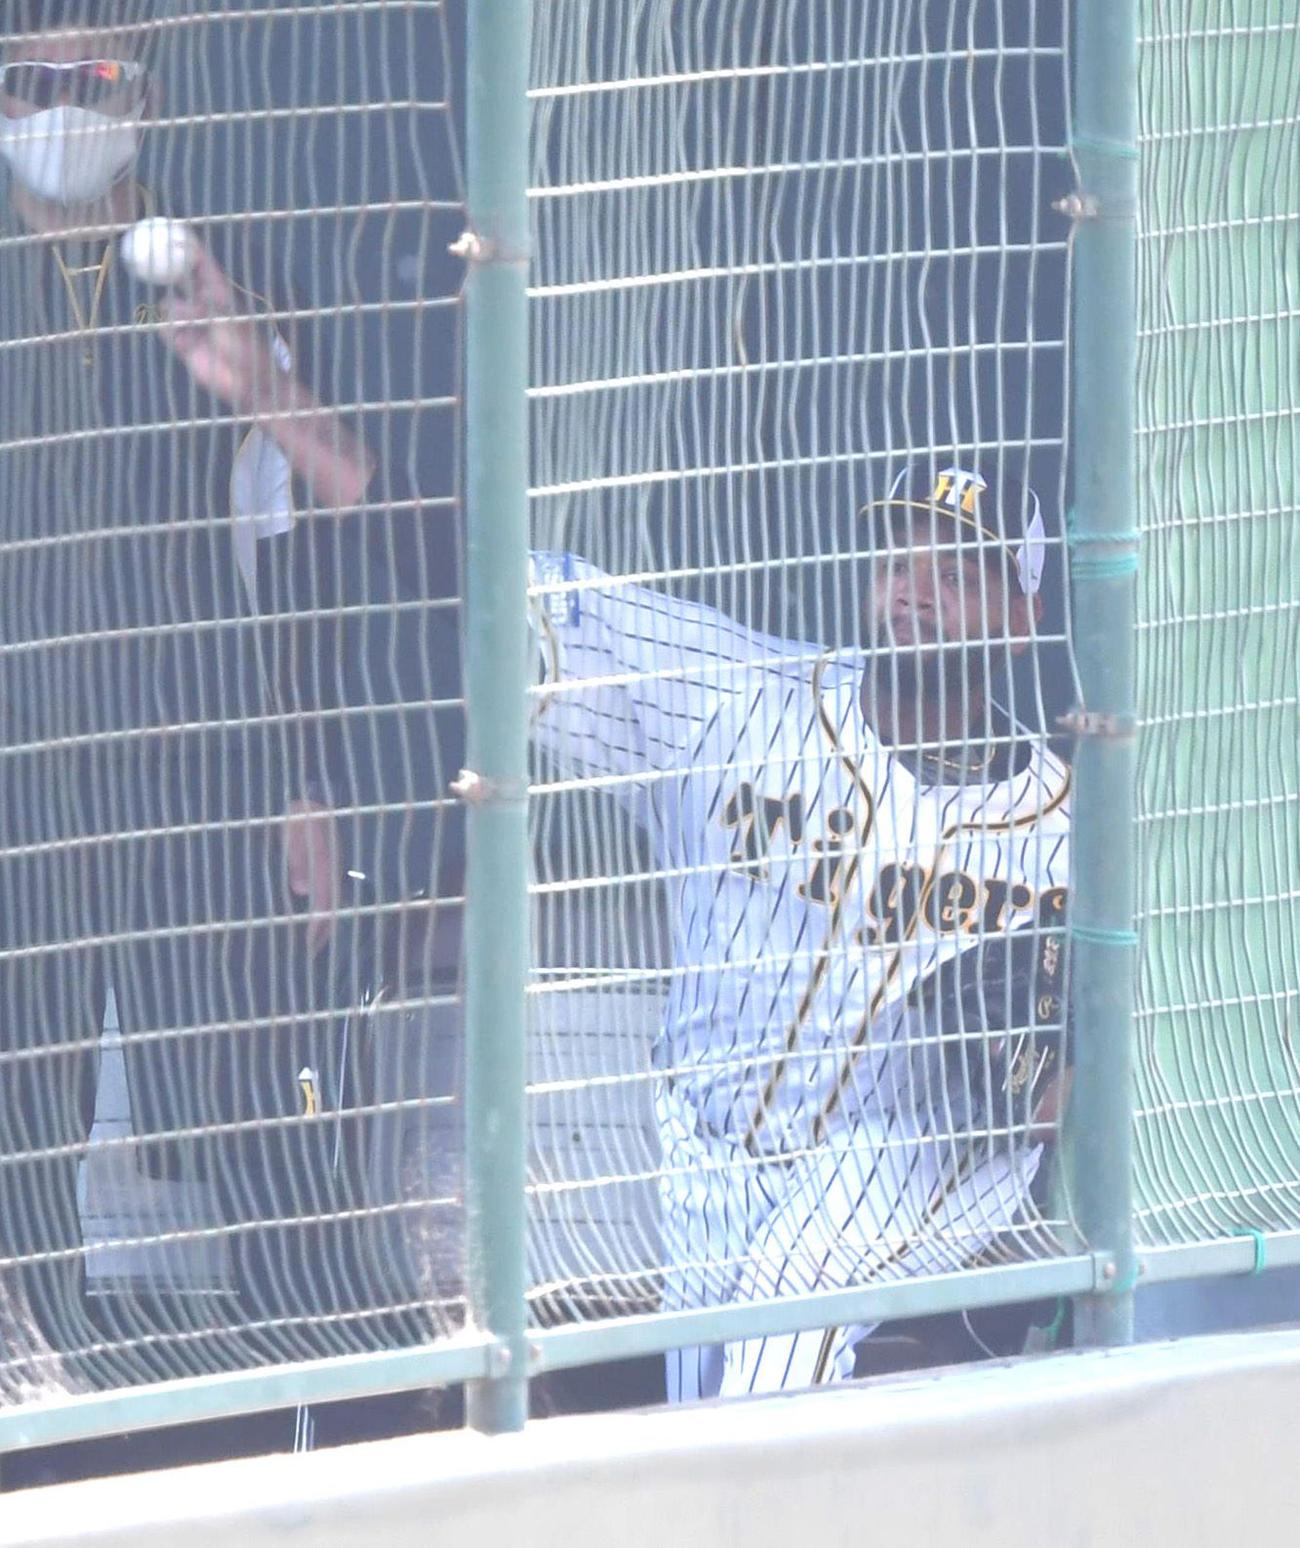 ブルペンで投球練習を行う阪神アルカンタラ(代表撮影)